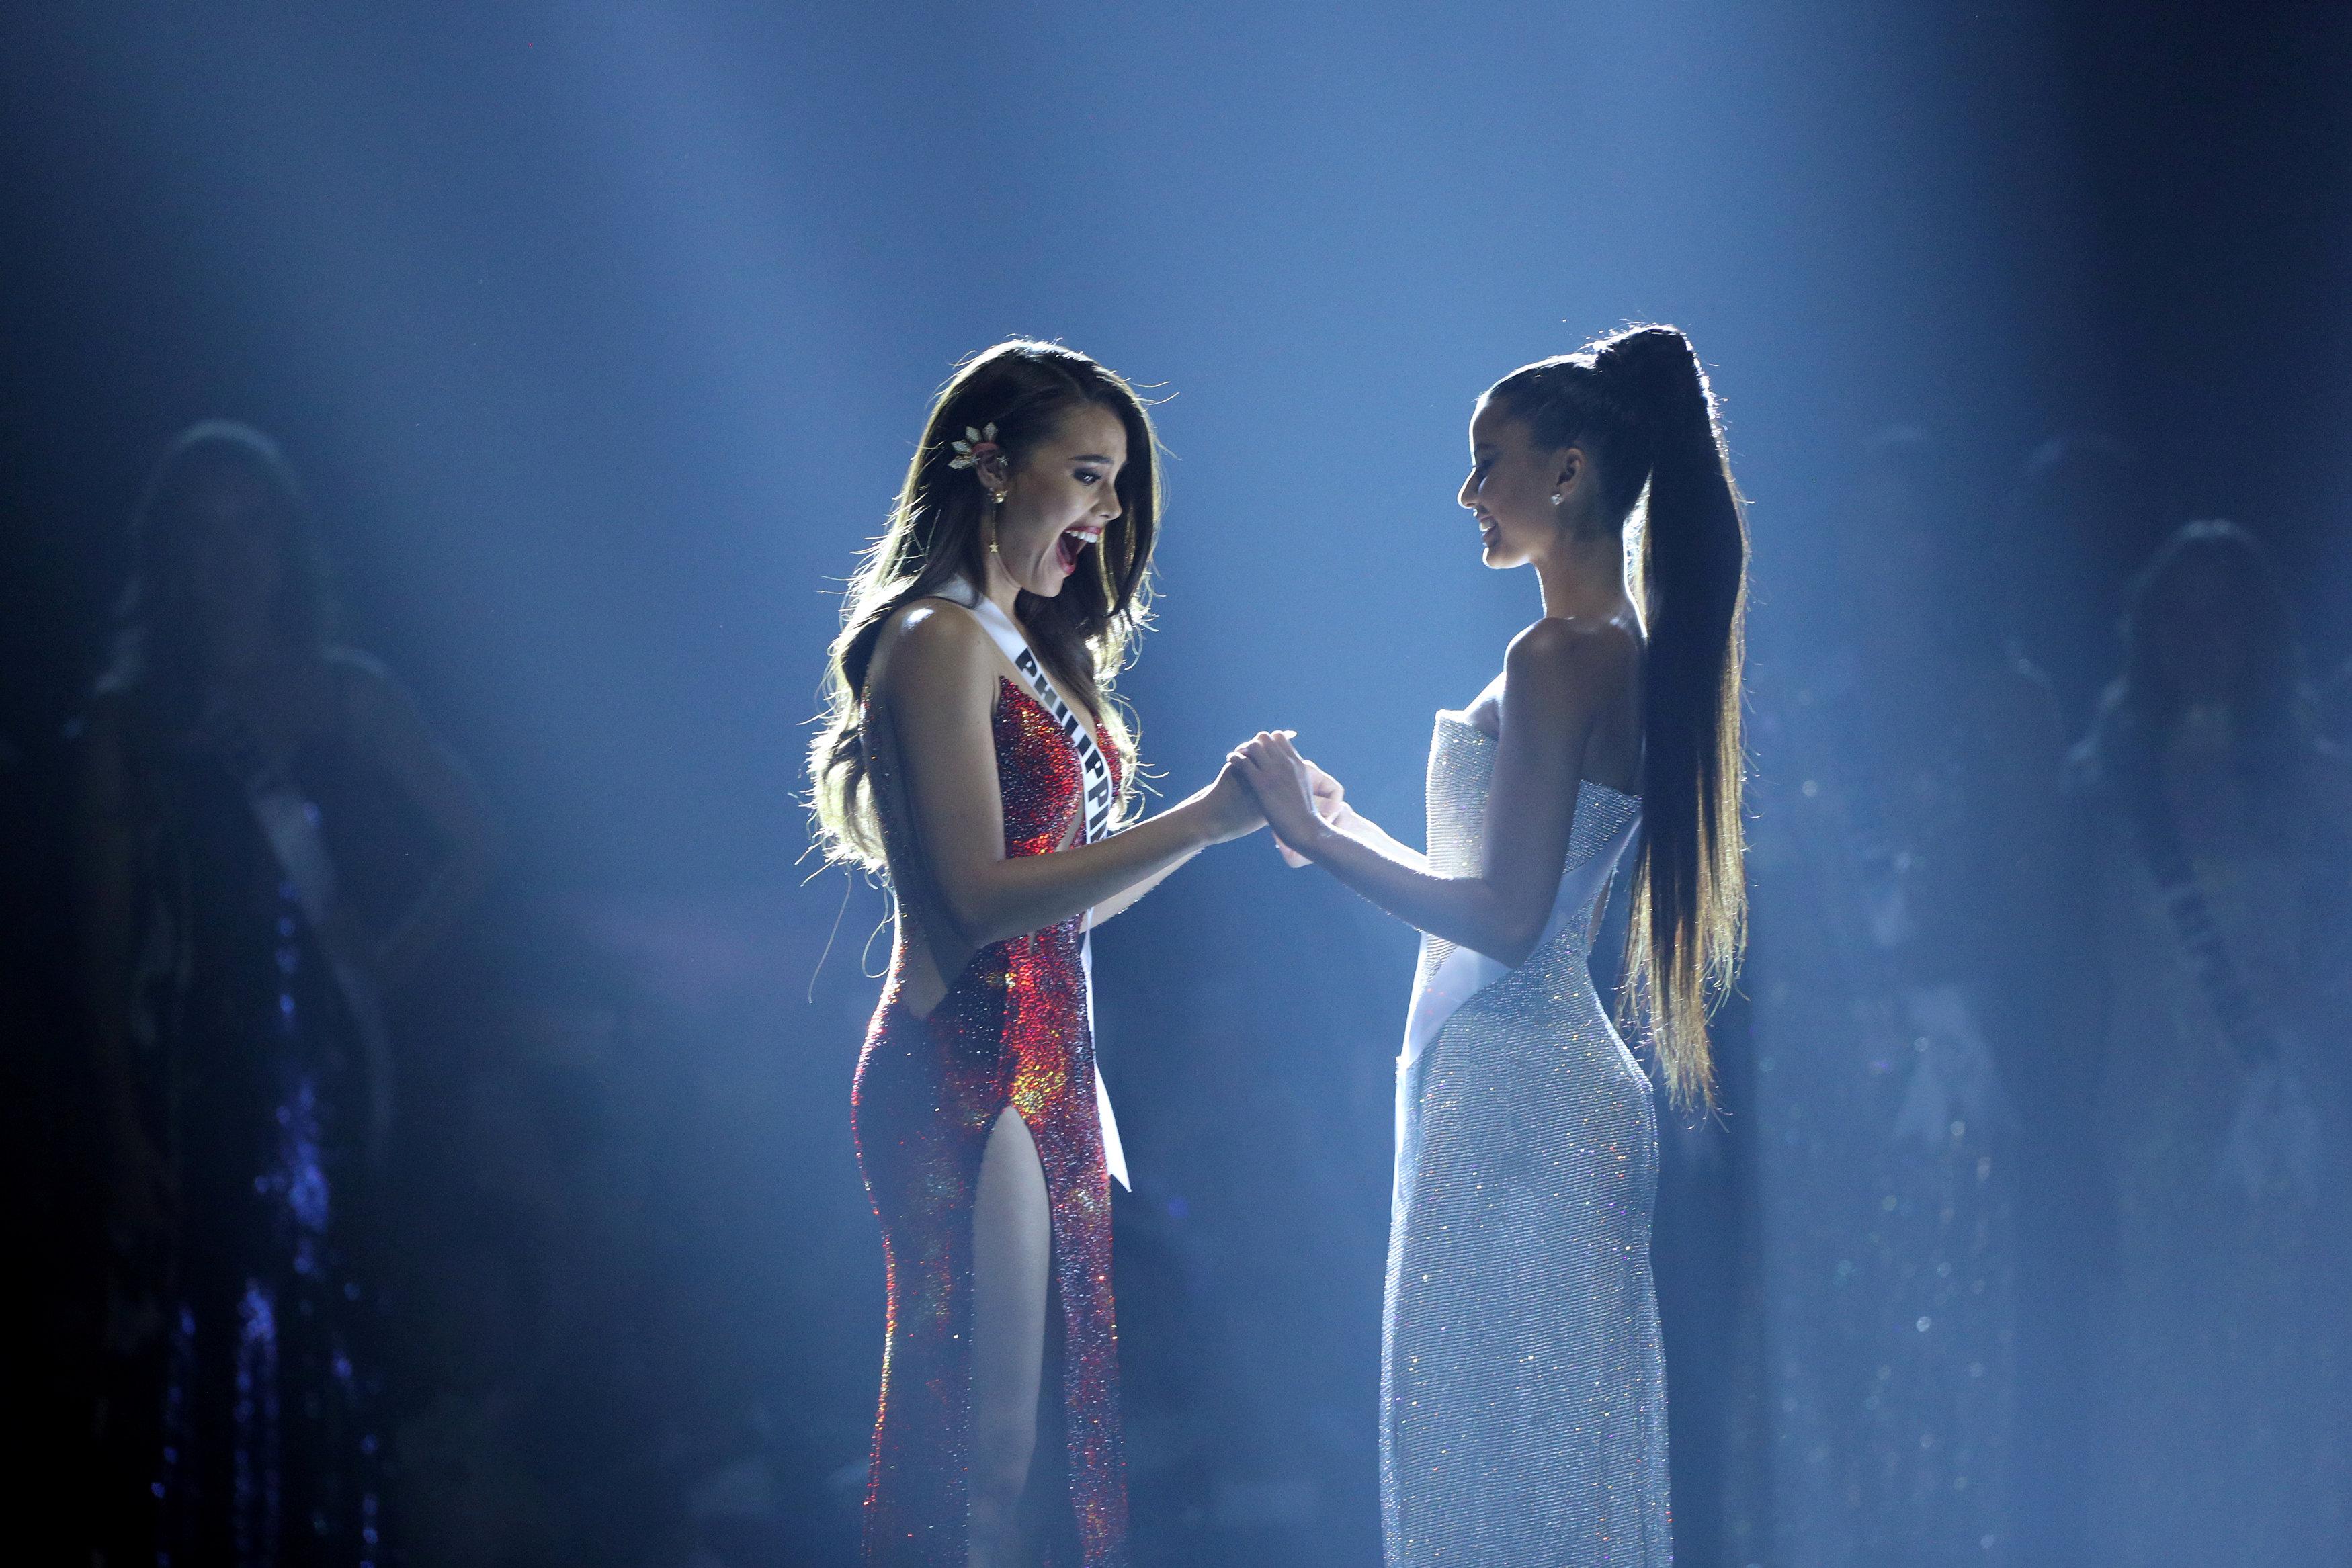 مسابقة ملكة جمال الكون من بانكوك (16)